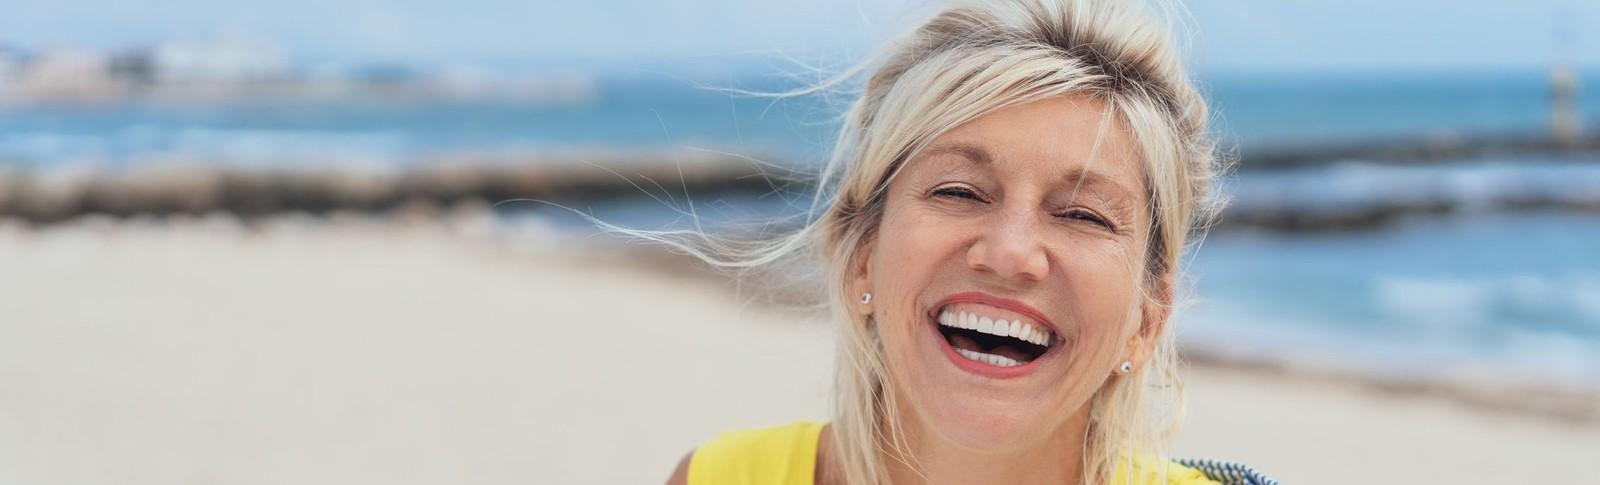 Frau freut sich über das Ergebnis der Mesotherapie in den Moser Kliniken